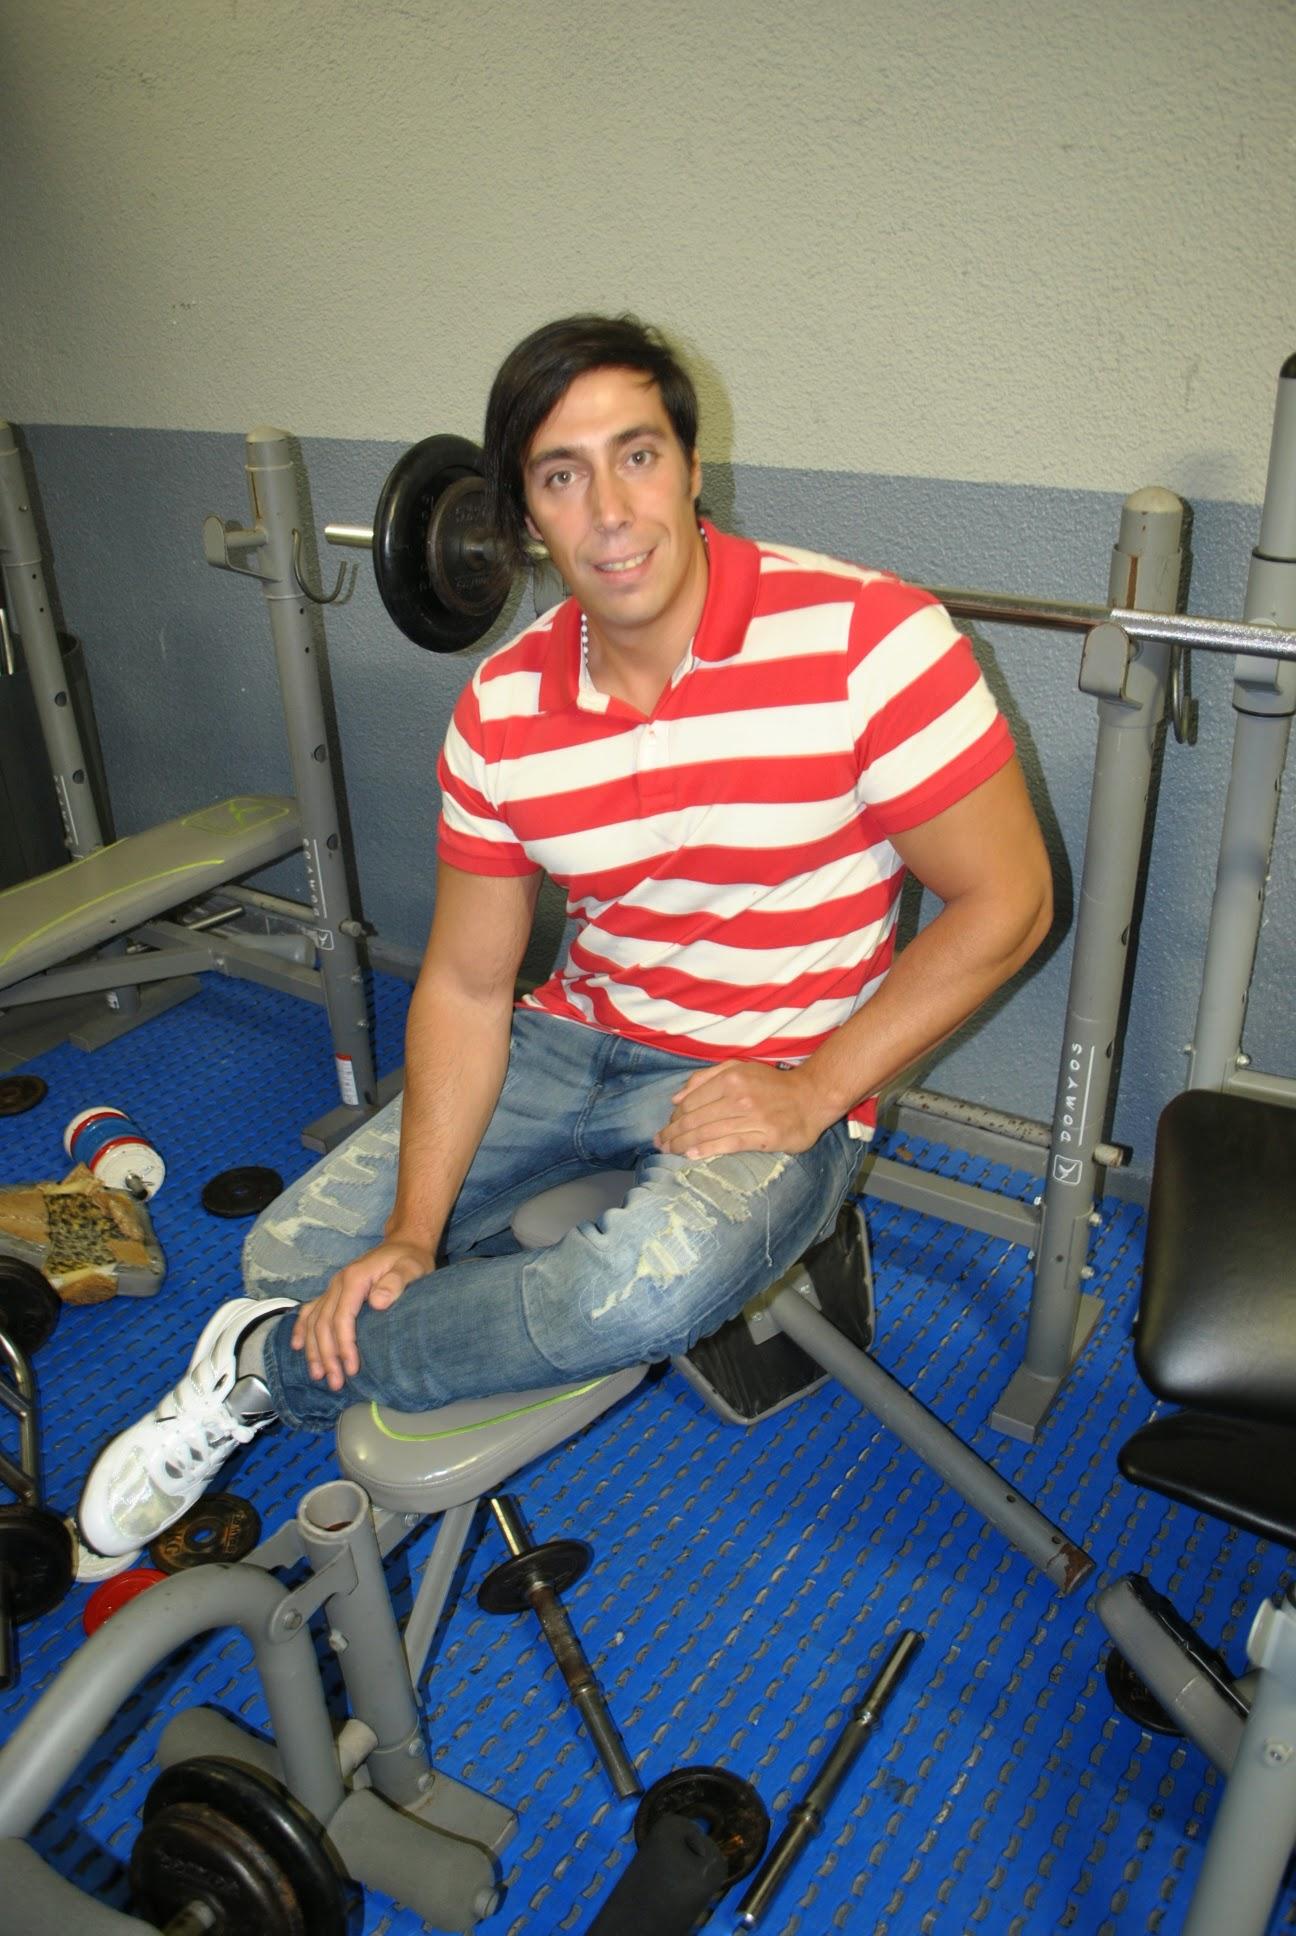 """Dardo Rubina: """"Venir a entrenar es llegar y cumplir; venir a entrenarse es venir a mejorar"""""""